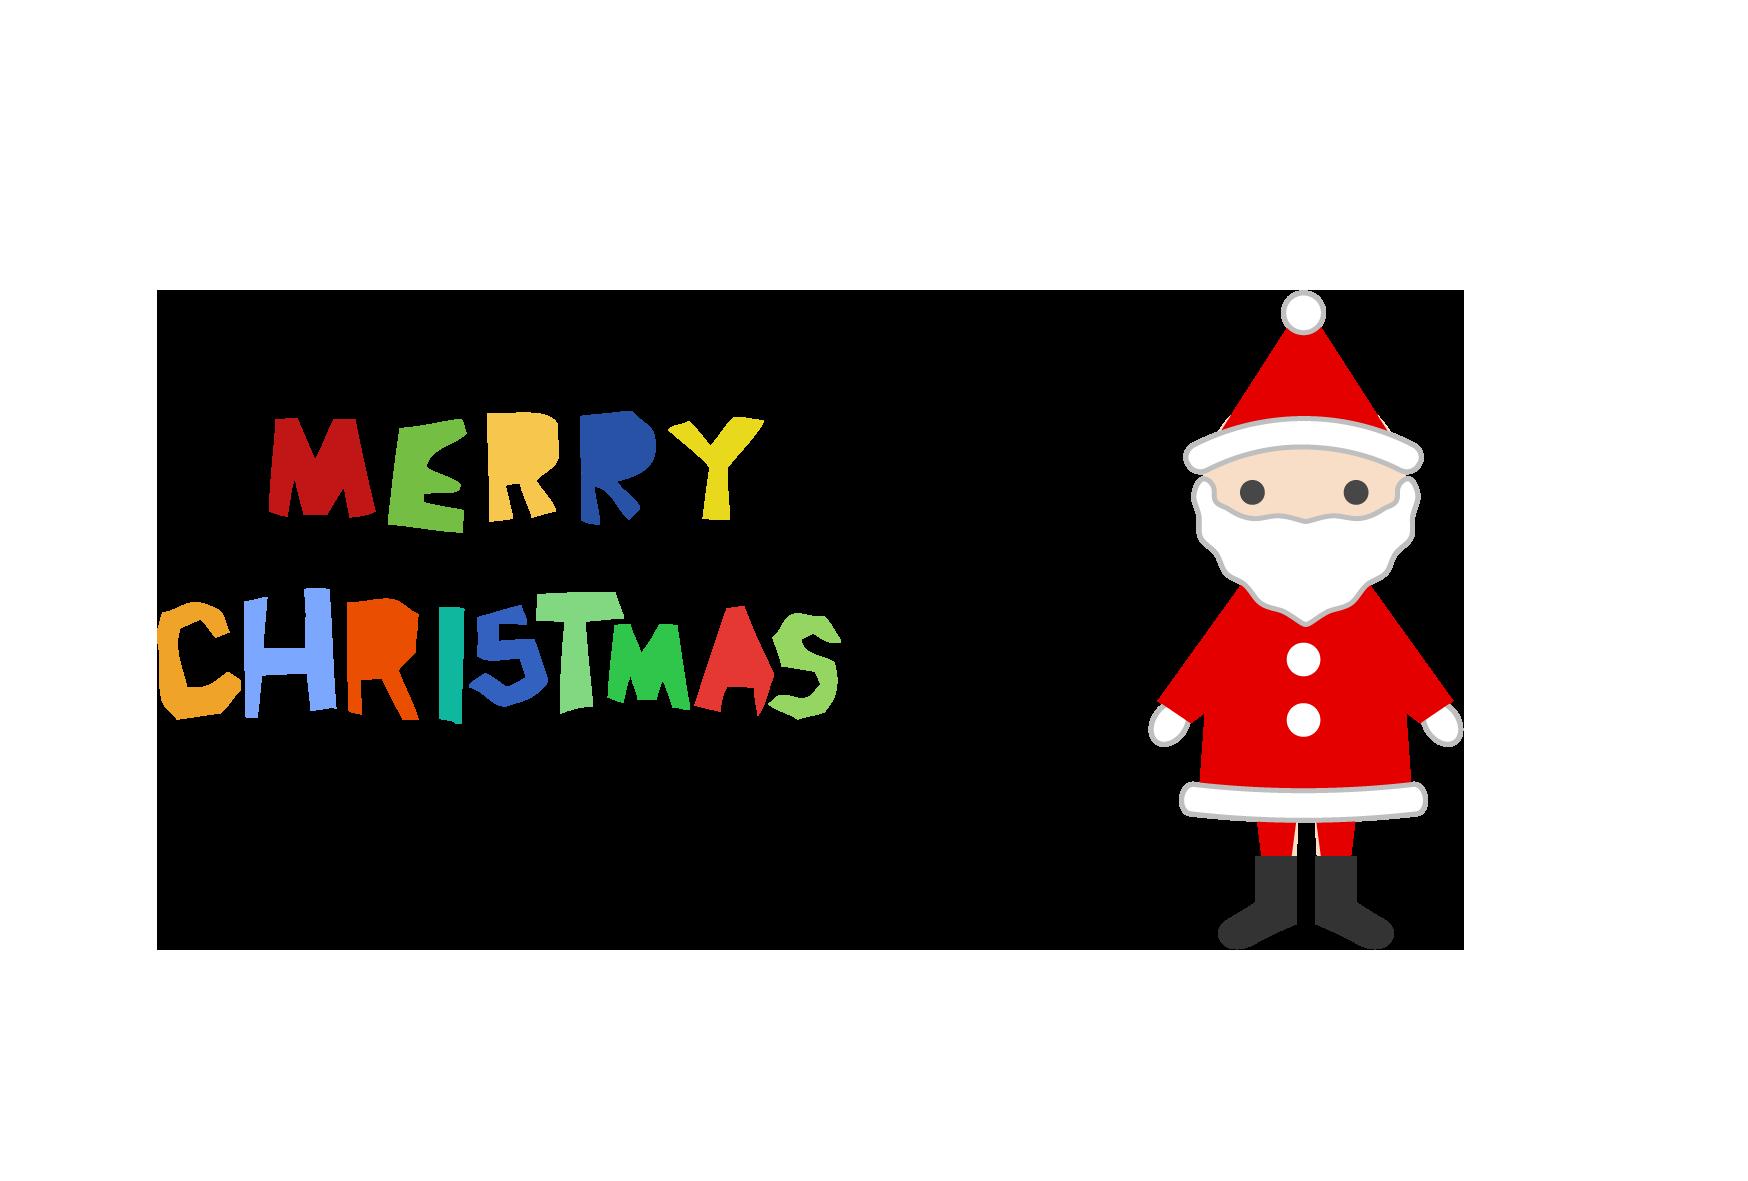 クリスマスカード-シンプルテンプレート(サンタクロース) <無料